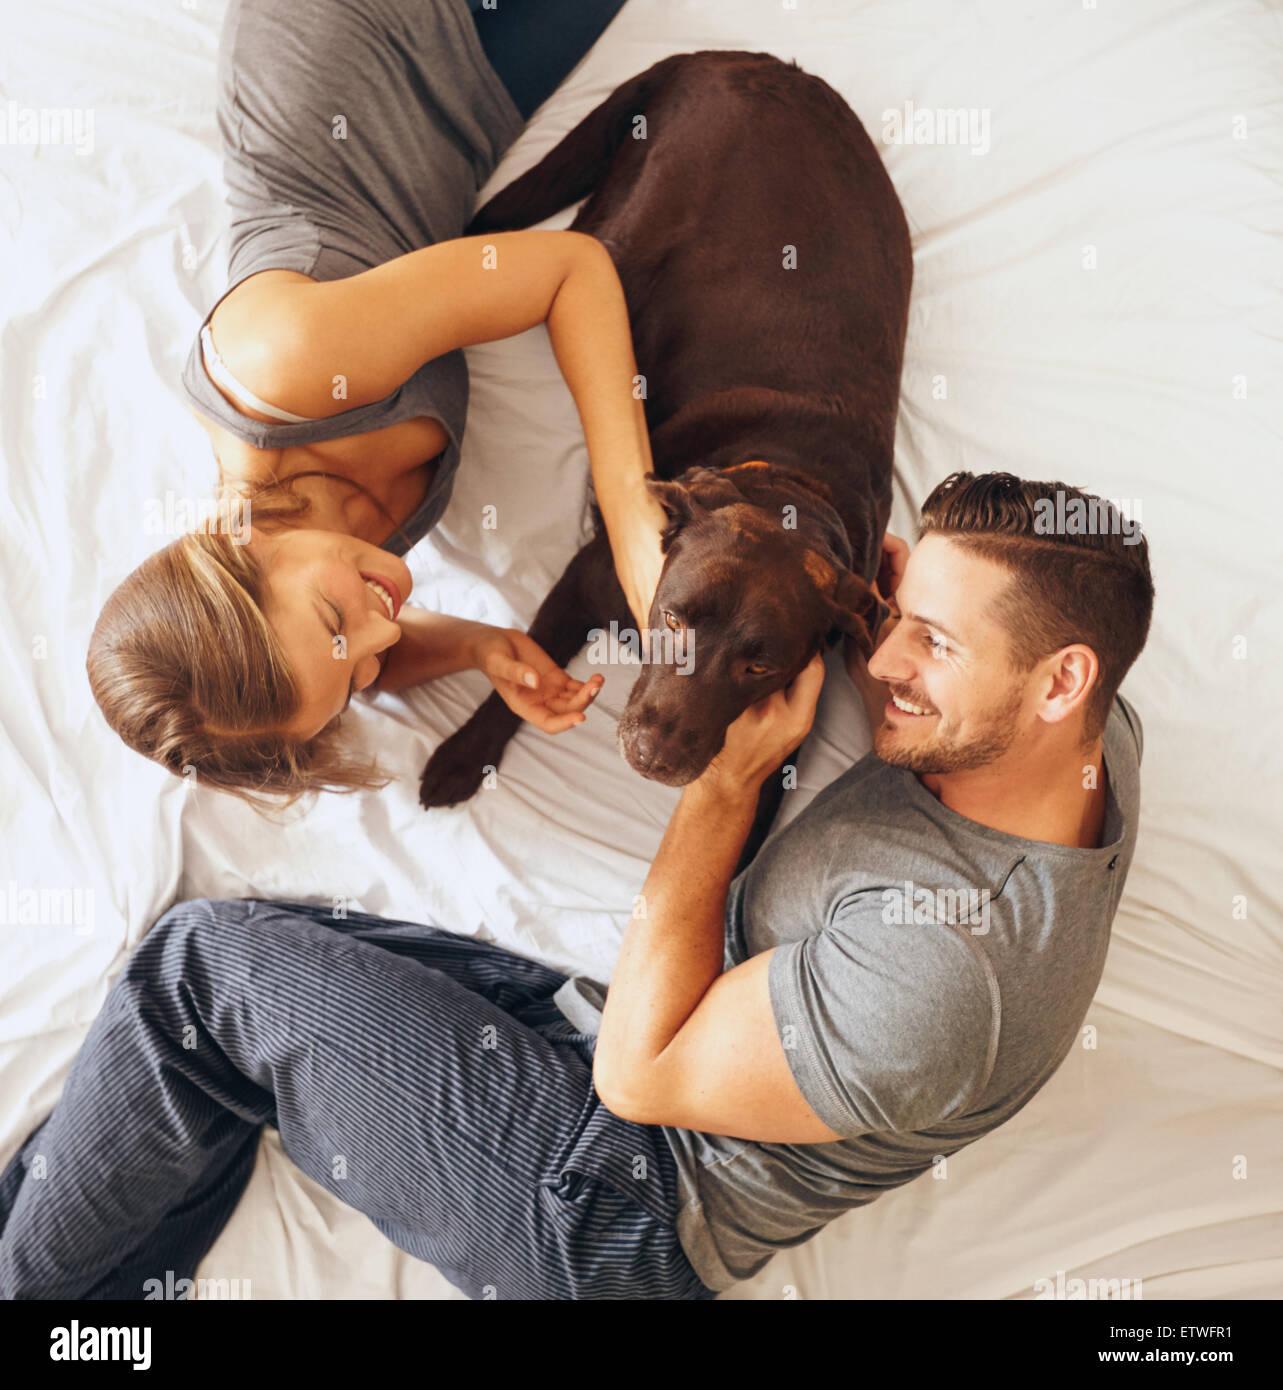 Draufsicht der glückliche junge Familie gemeinsam auf Bett entspannen. Mann und Frau mit Hund im Schlafzimmer. Stockbild